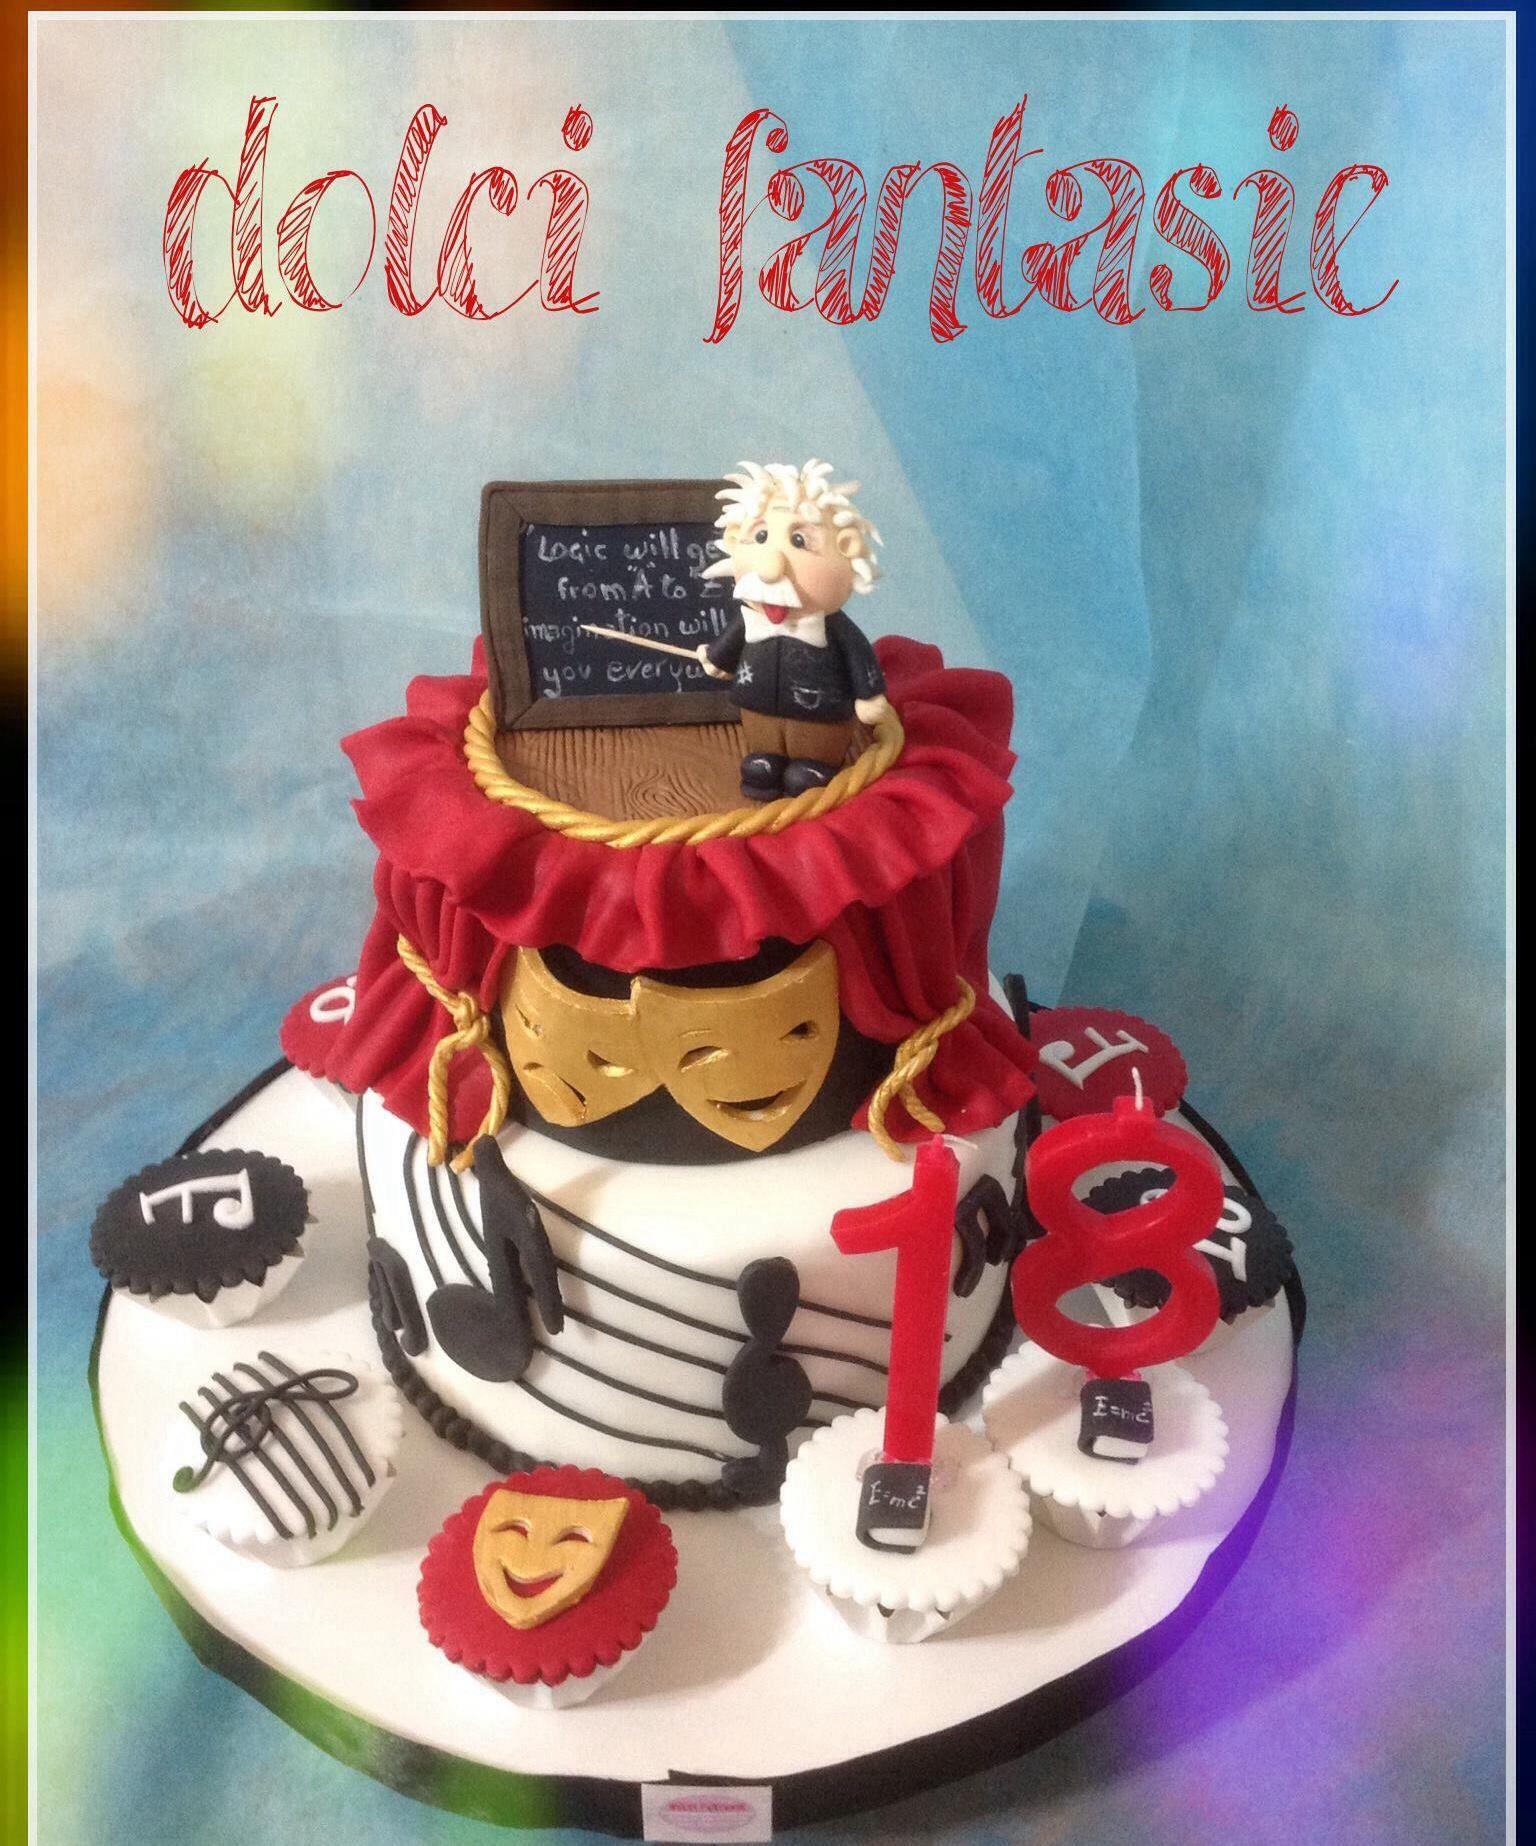 Scuola Cake Design Torino : Fisica, teatro e musica racchiusi in una torta cocina ...